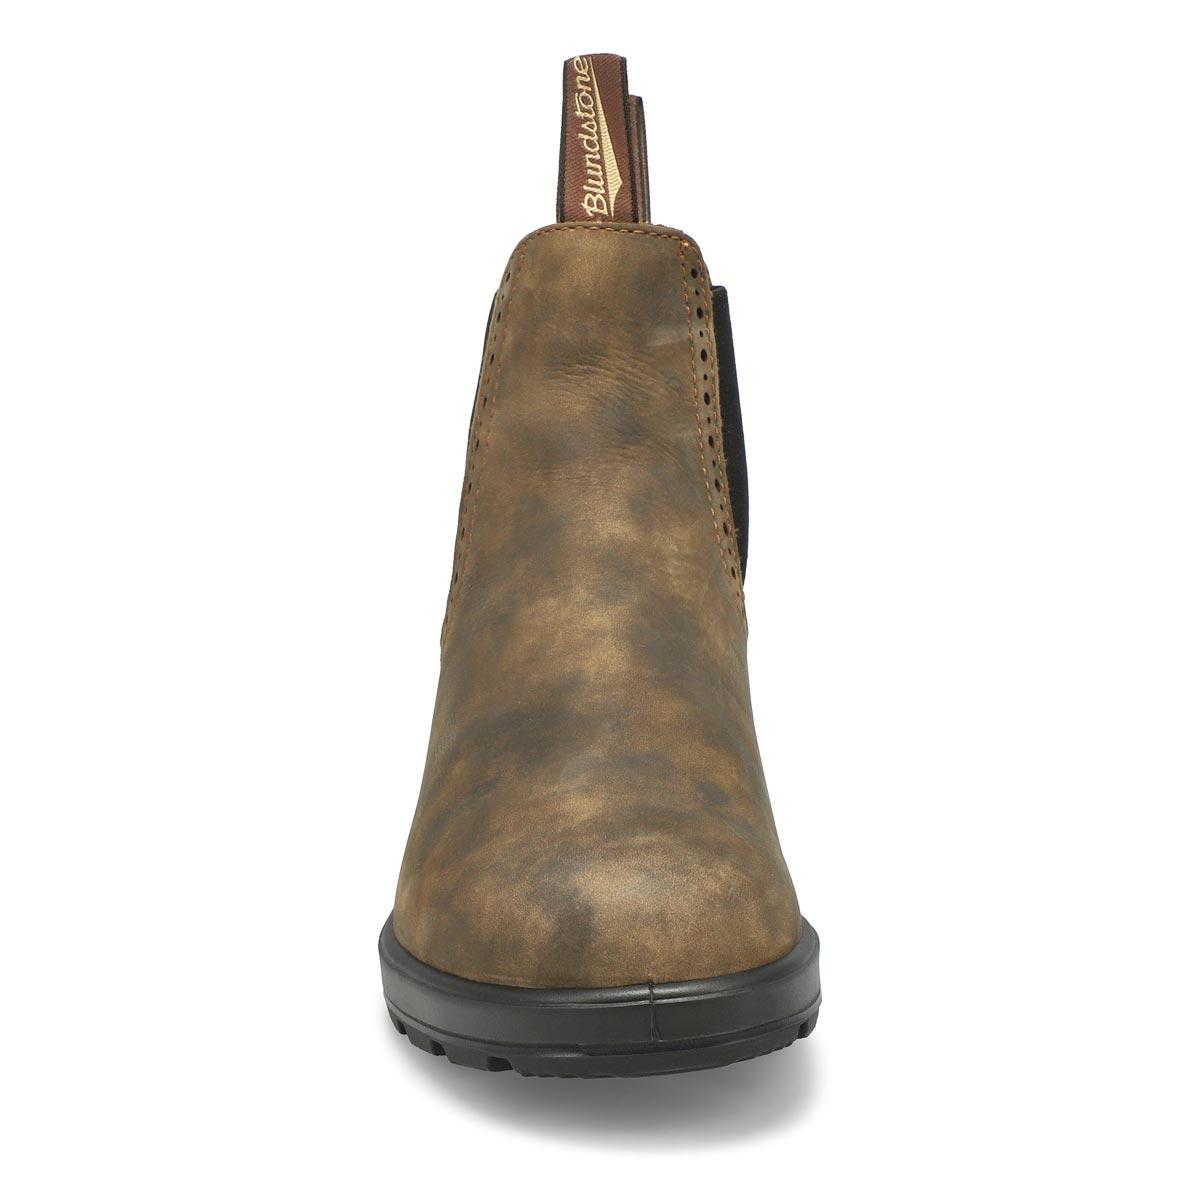 Women's 1351 Series Boot - Rustic Brown